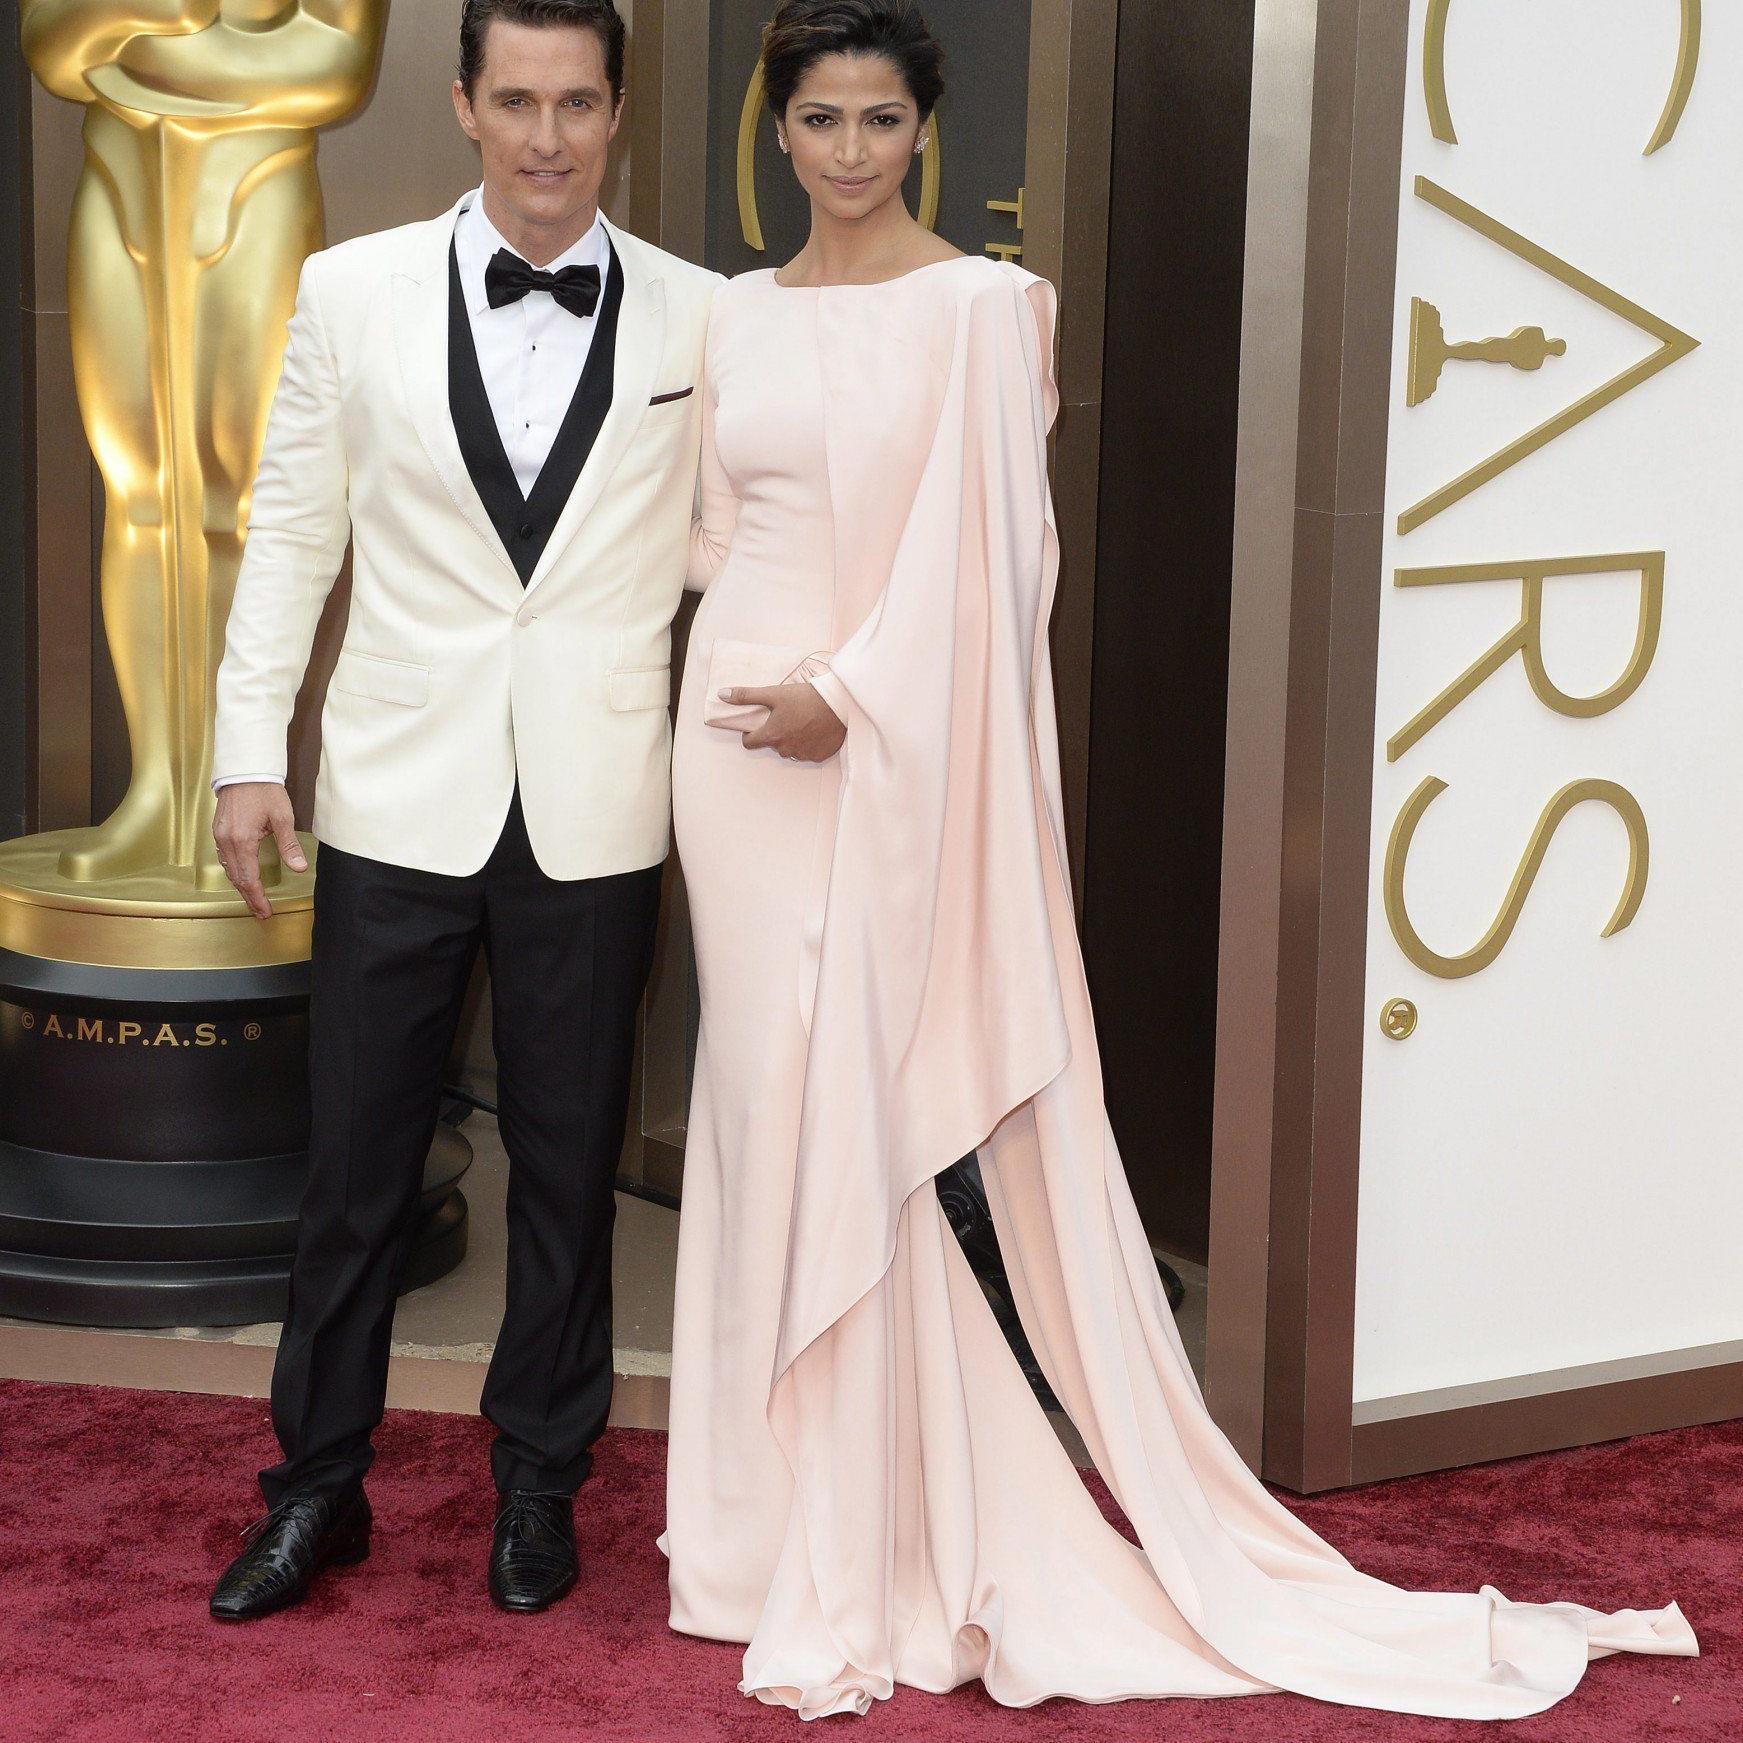 Matthew McConaughey gewinnt Oscar für beste Hauptrolle